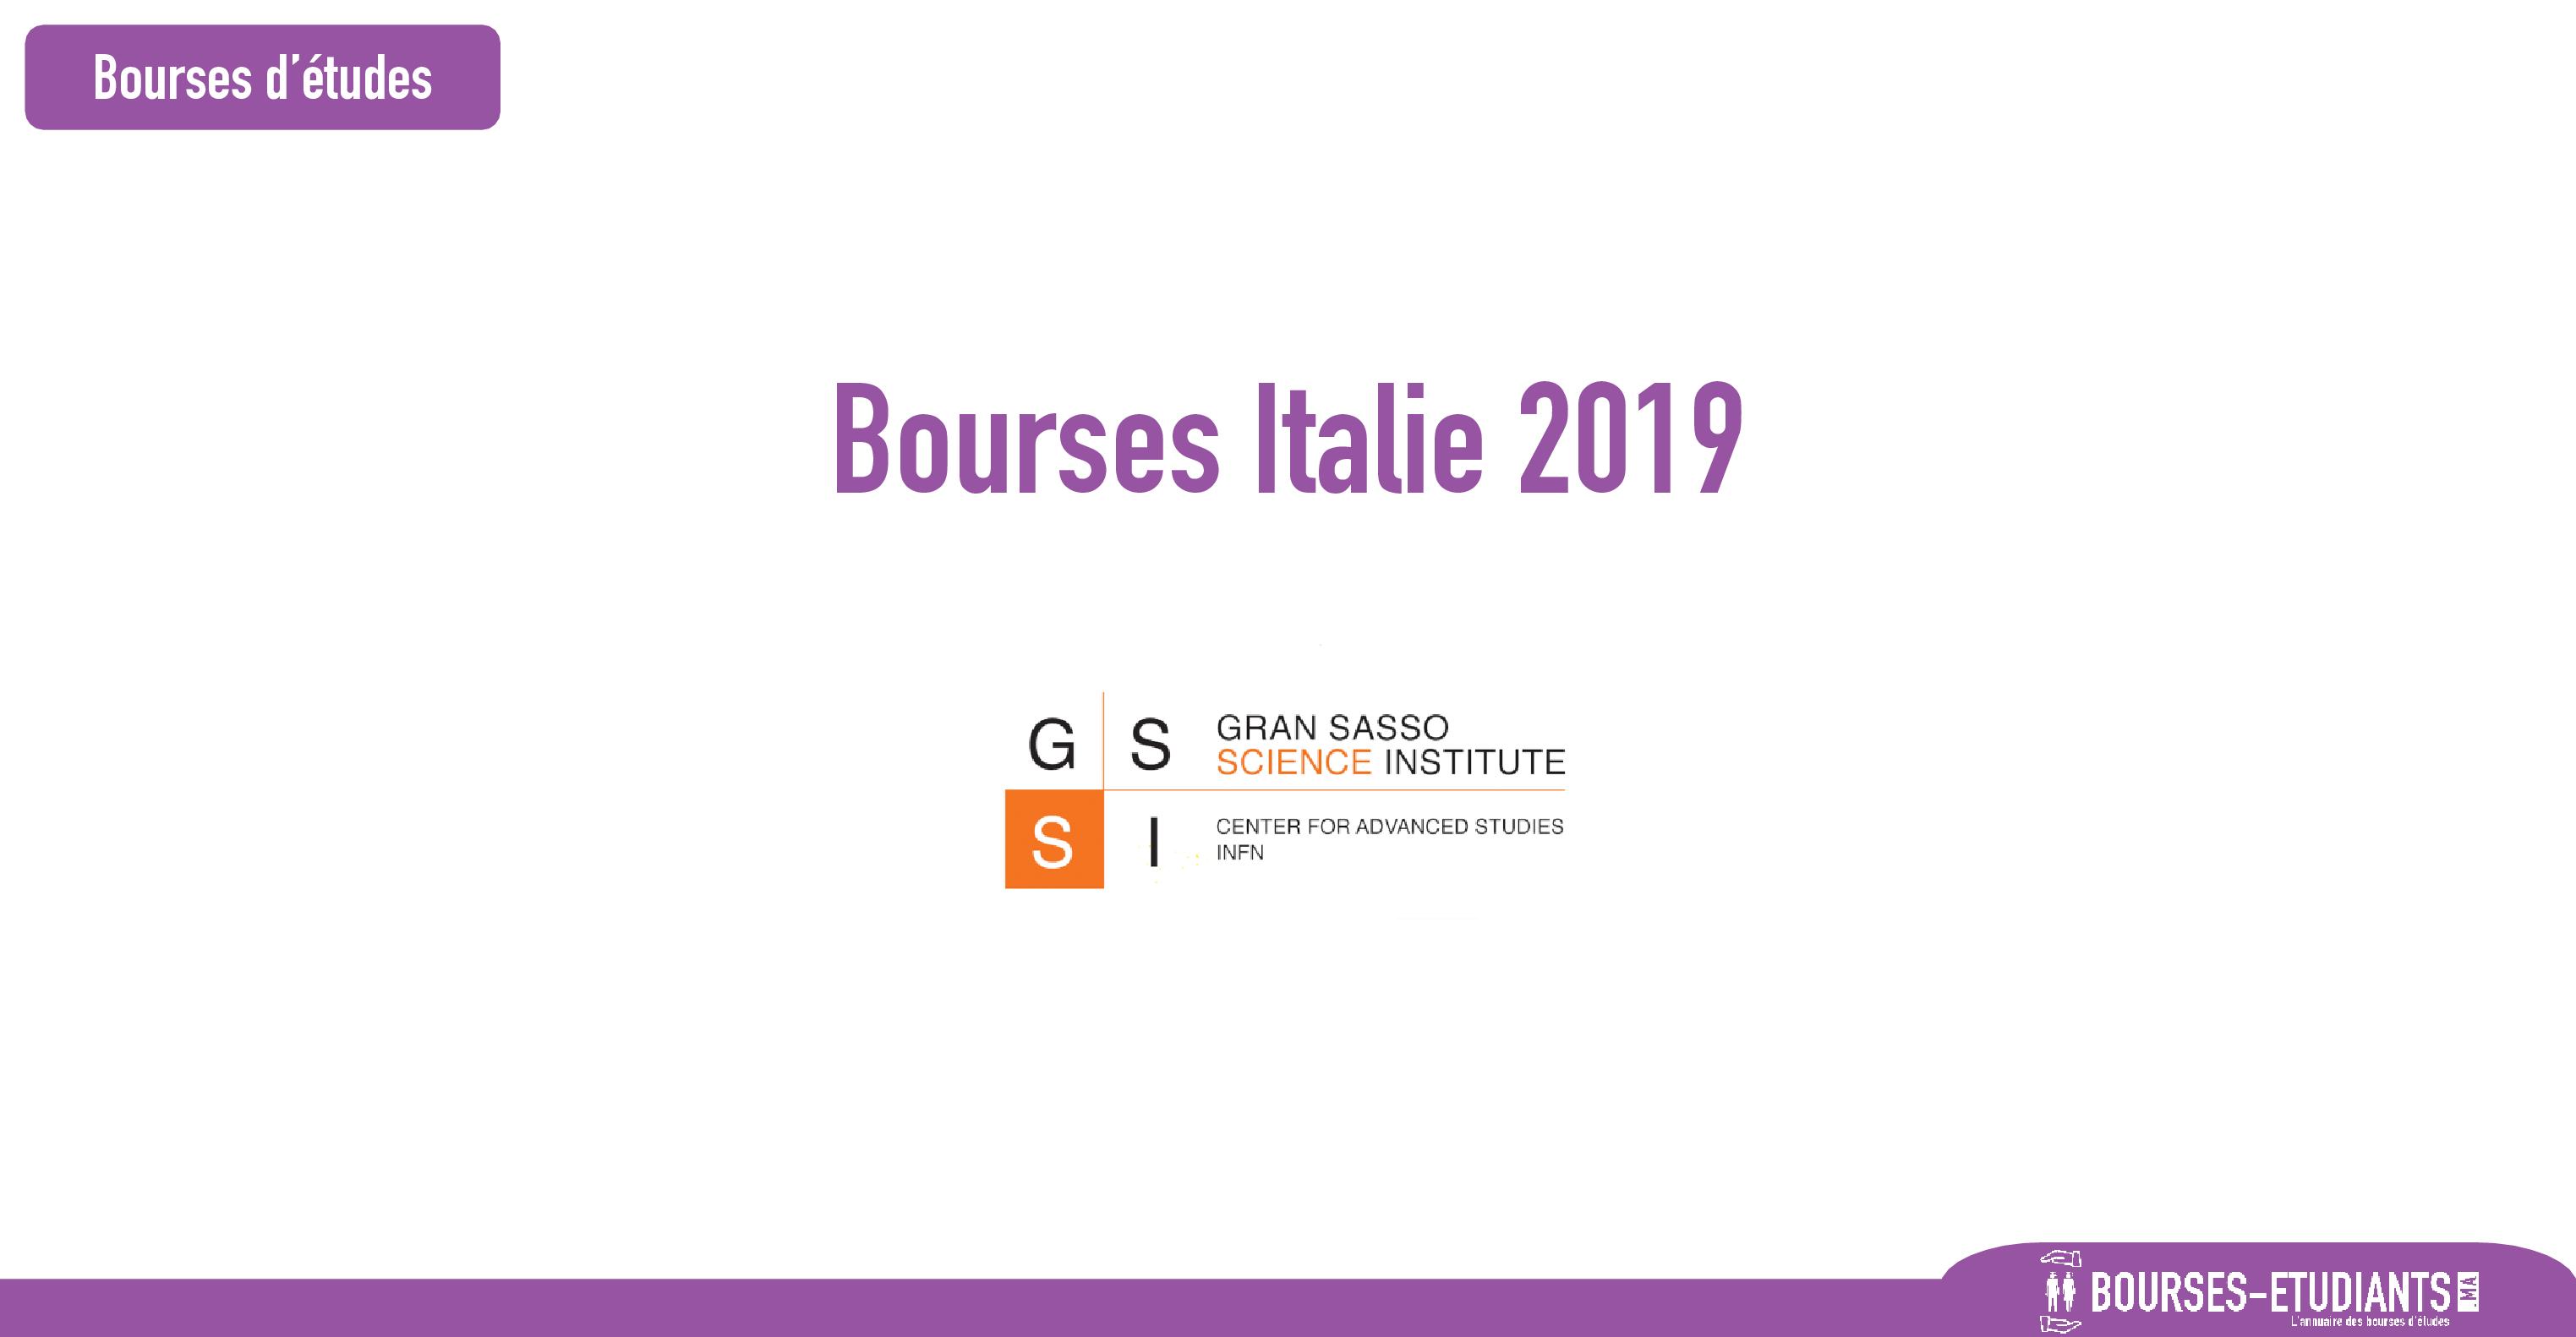 bourse Gran Sasso Science Institute